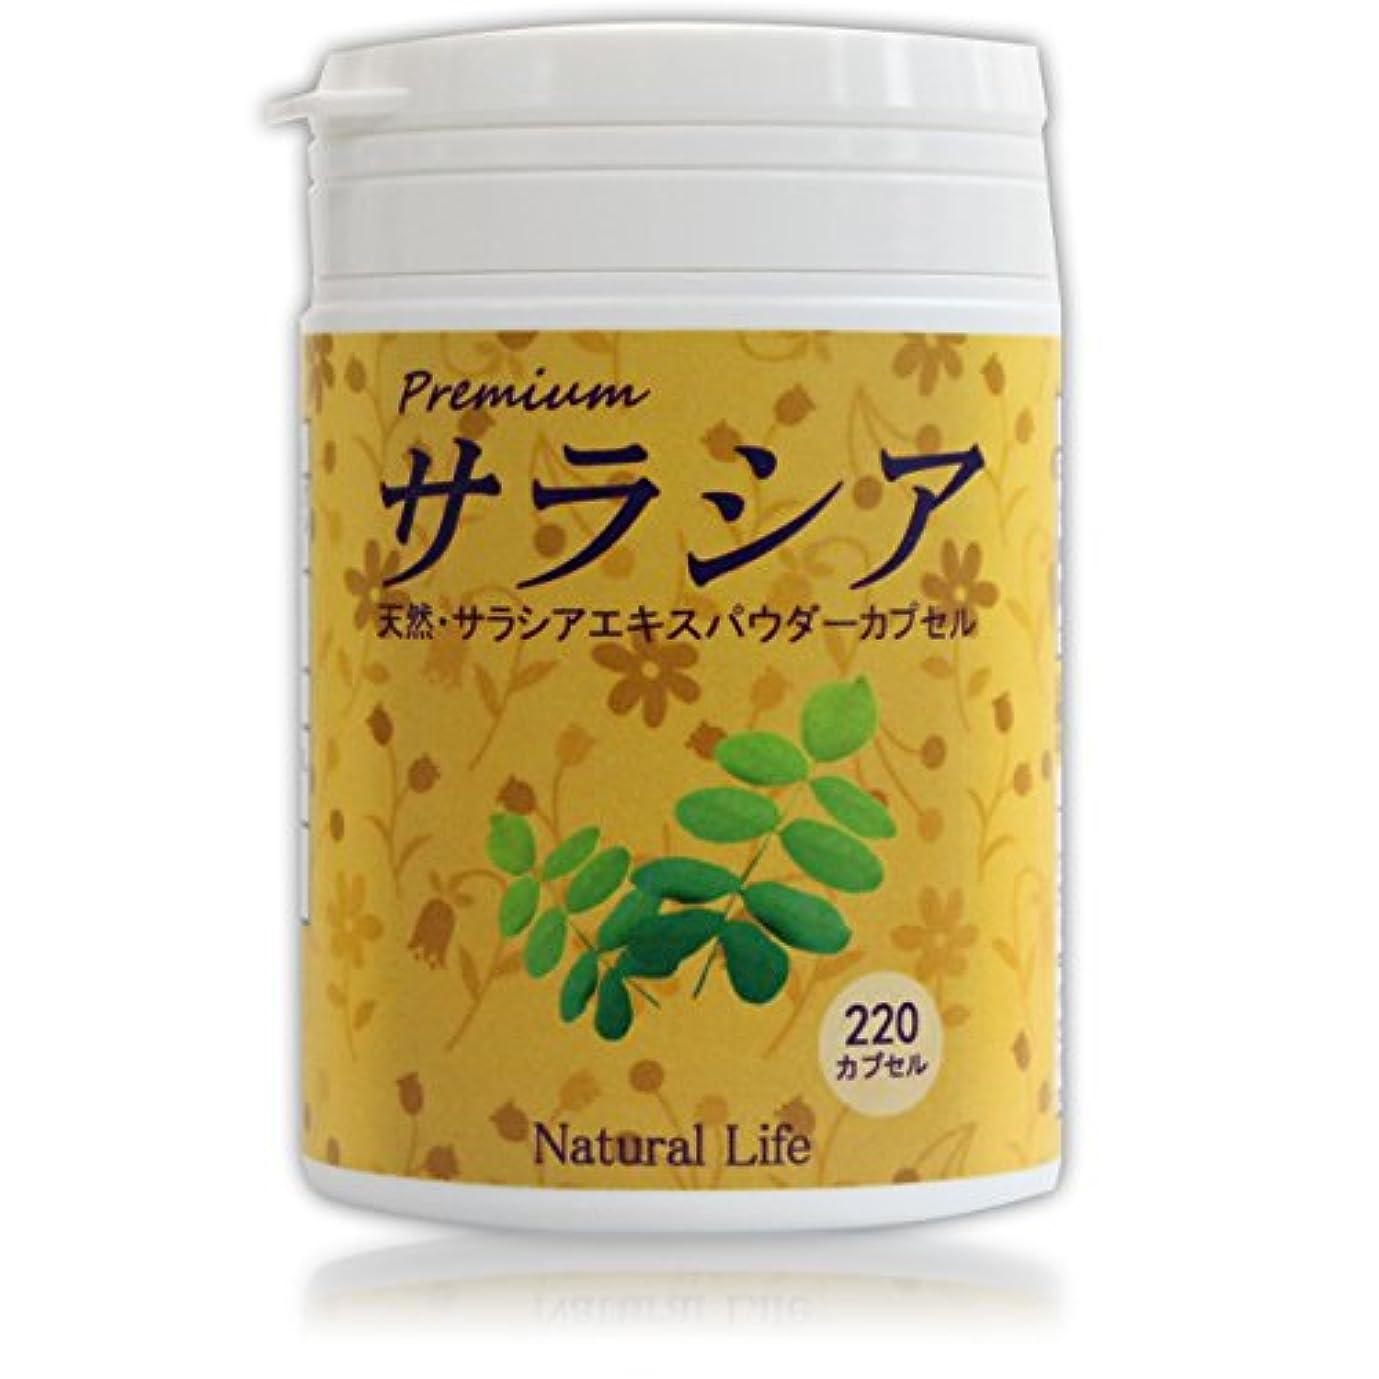 独立やさしい可動式サラシアカプセル[220粒]天然ピュア原料(無添加) 健康食品(サラシア,さらしあ)